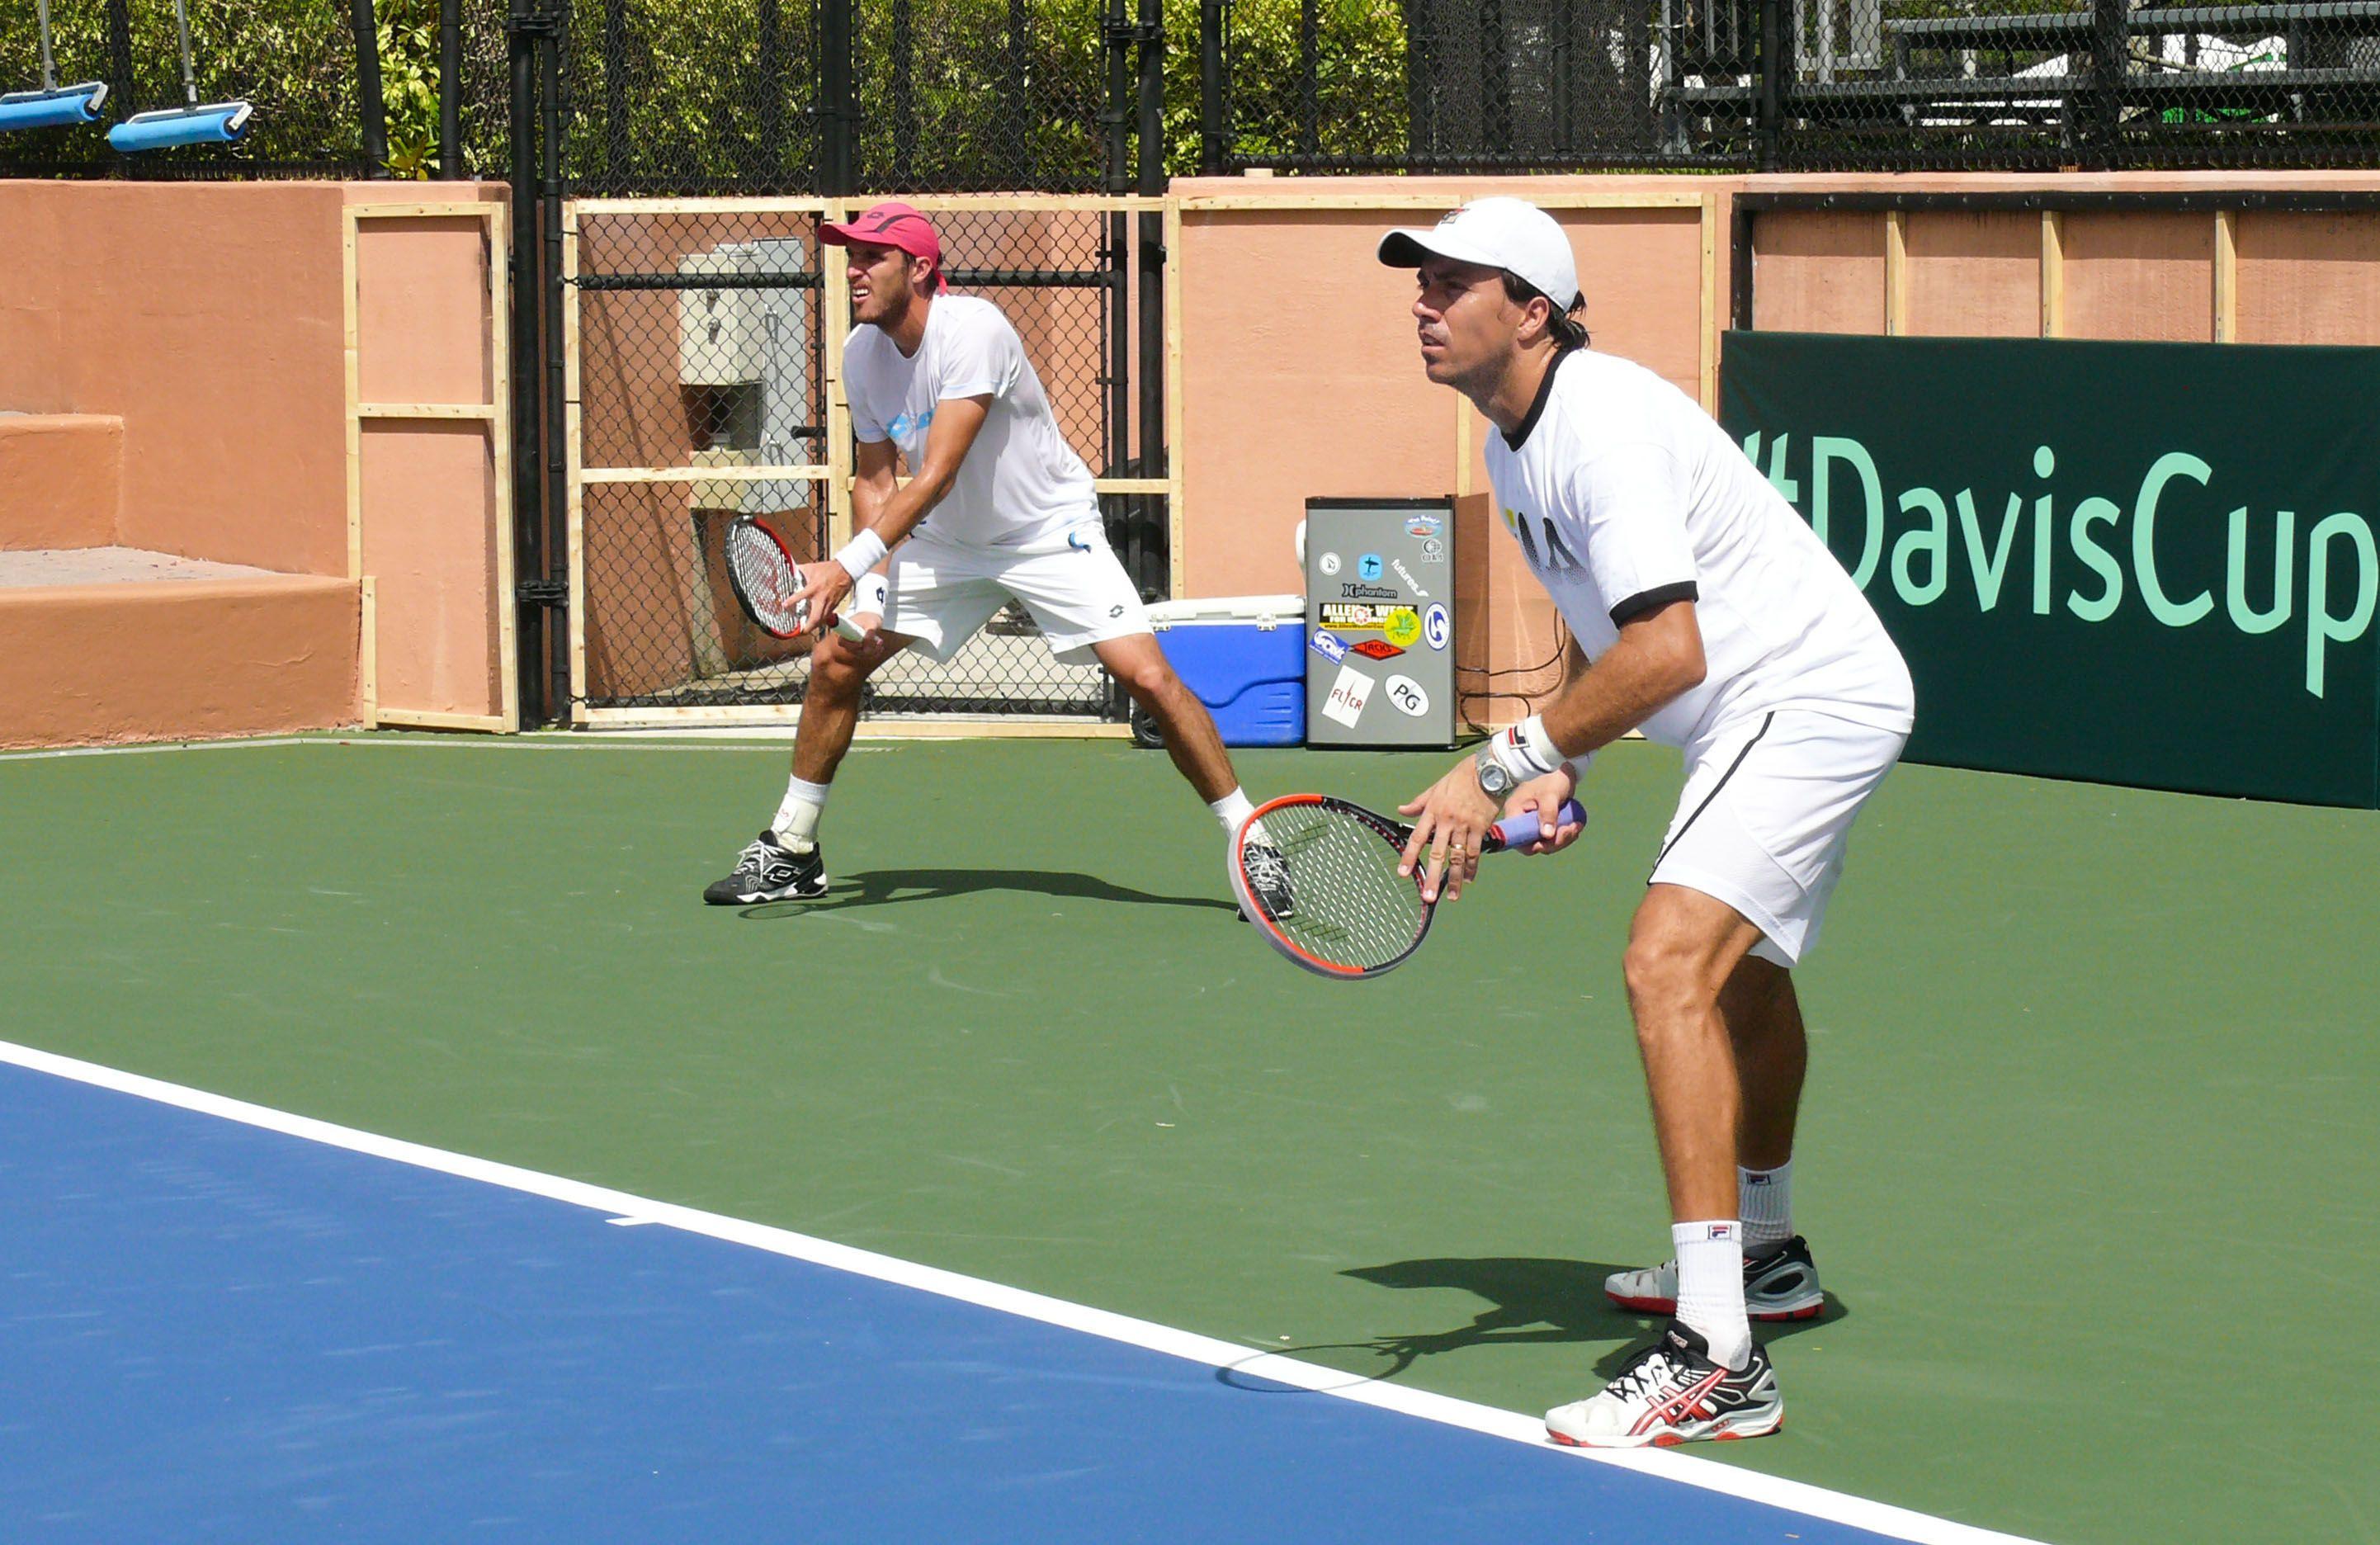 Dobles. Mayer y Berlocq harán pareja en Río. Desde que comenzó el año juegan juntos pensando en la Copa Davis.